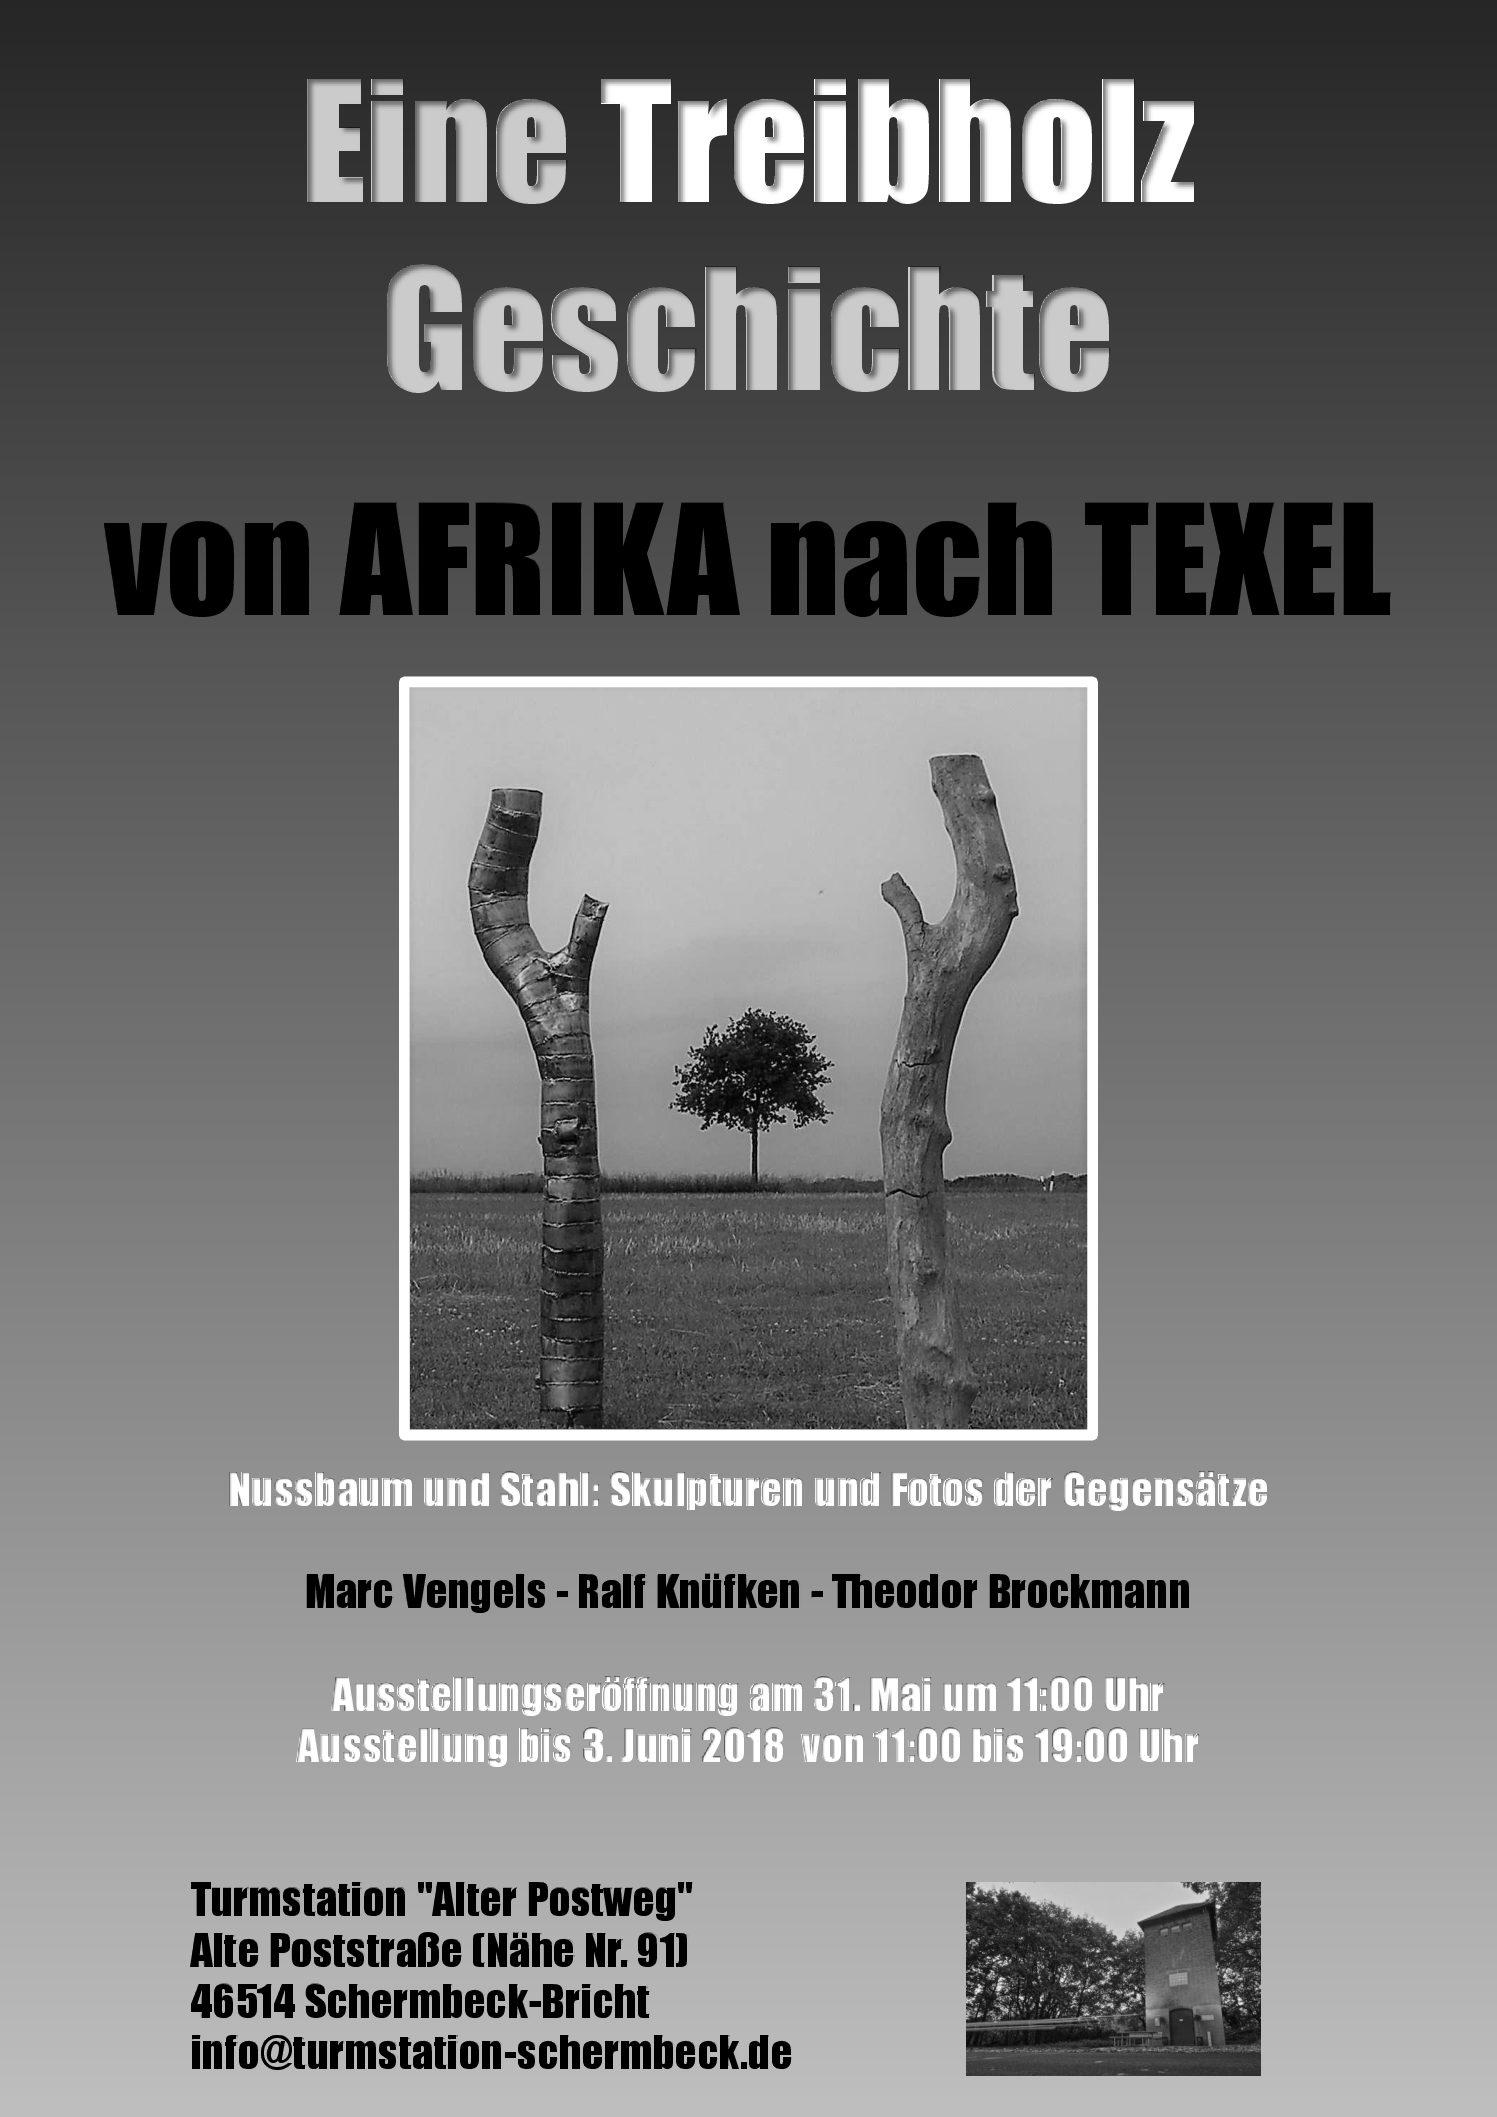 Kunstausstellung: Eine Treibholz Geschichte von Afrika nach Texel